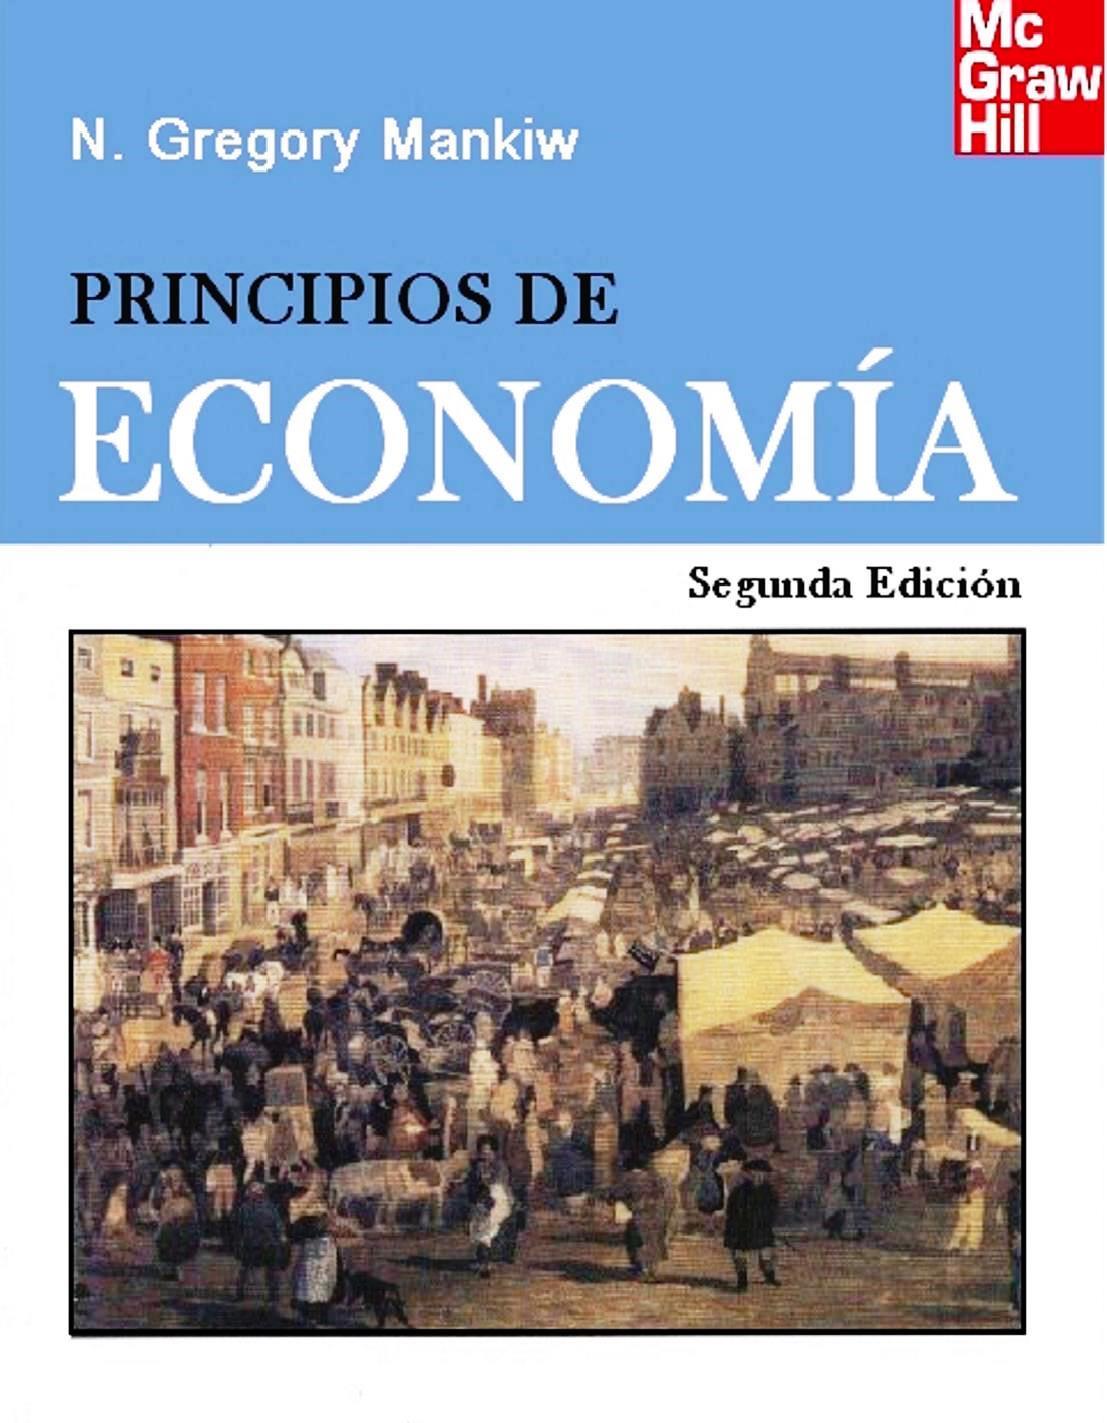 Principios de Economía, 2da Edición – N. Gregory Mankiw